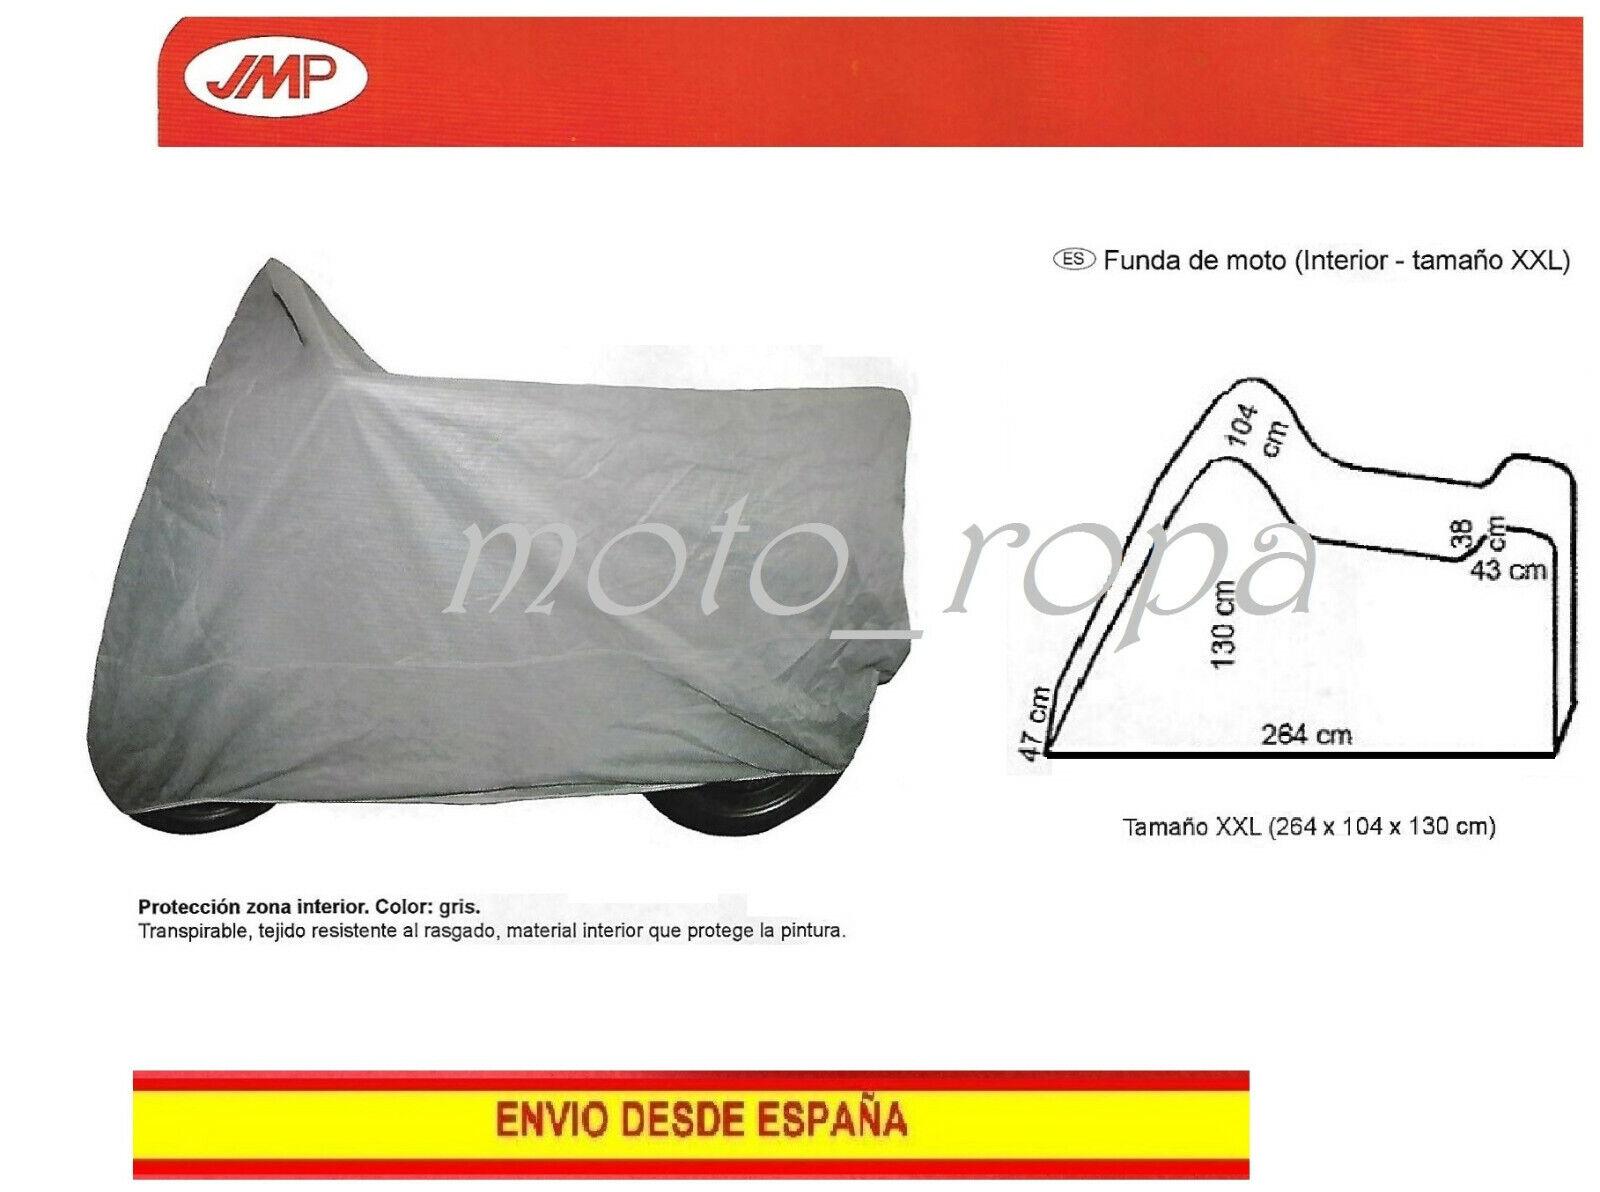 Funda de Moto Interior Proteccion Moto Custom Scooter Talla XXL